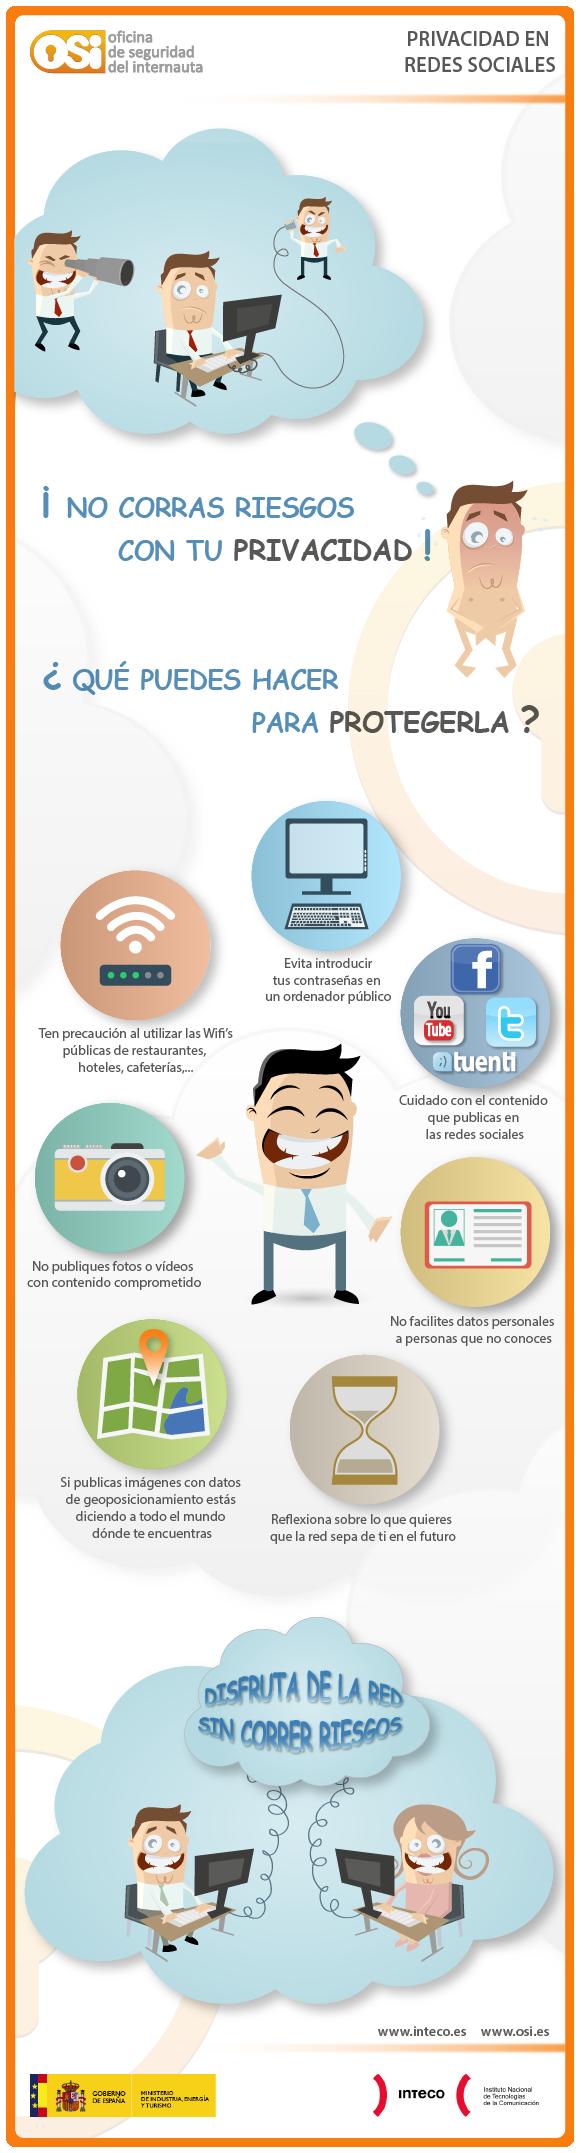 Qu puedes hacer para proteger tu privacidad oficina de seguridad del internauta hoy es el - Oficina de seguridad del internauta ...